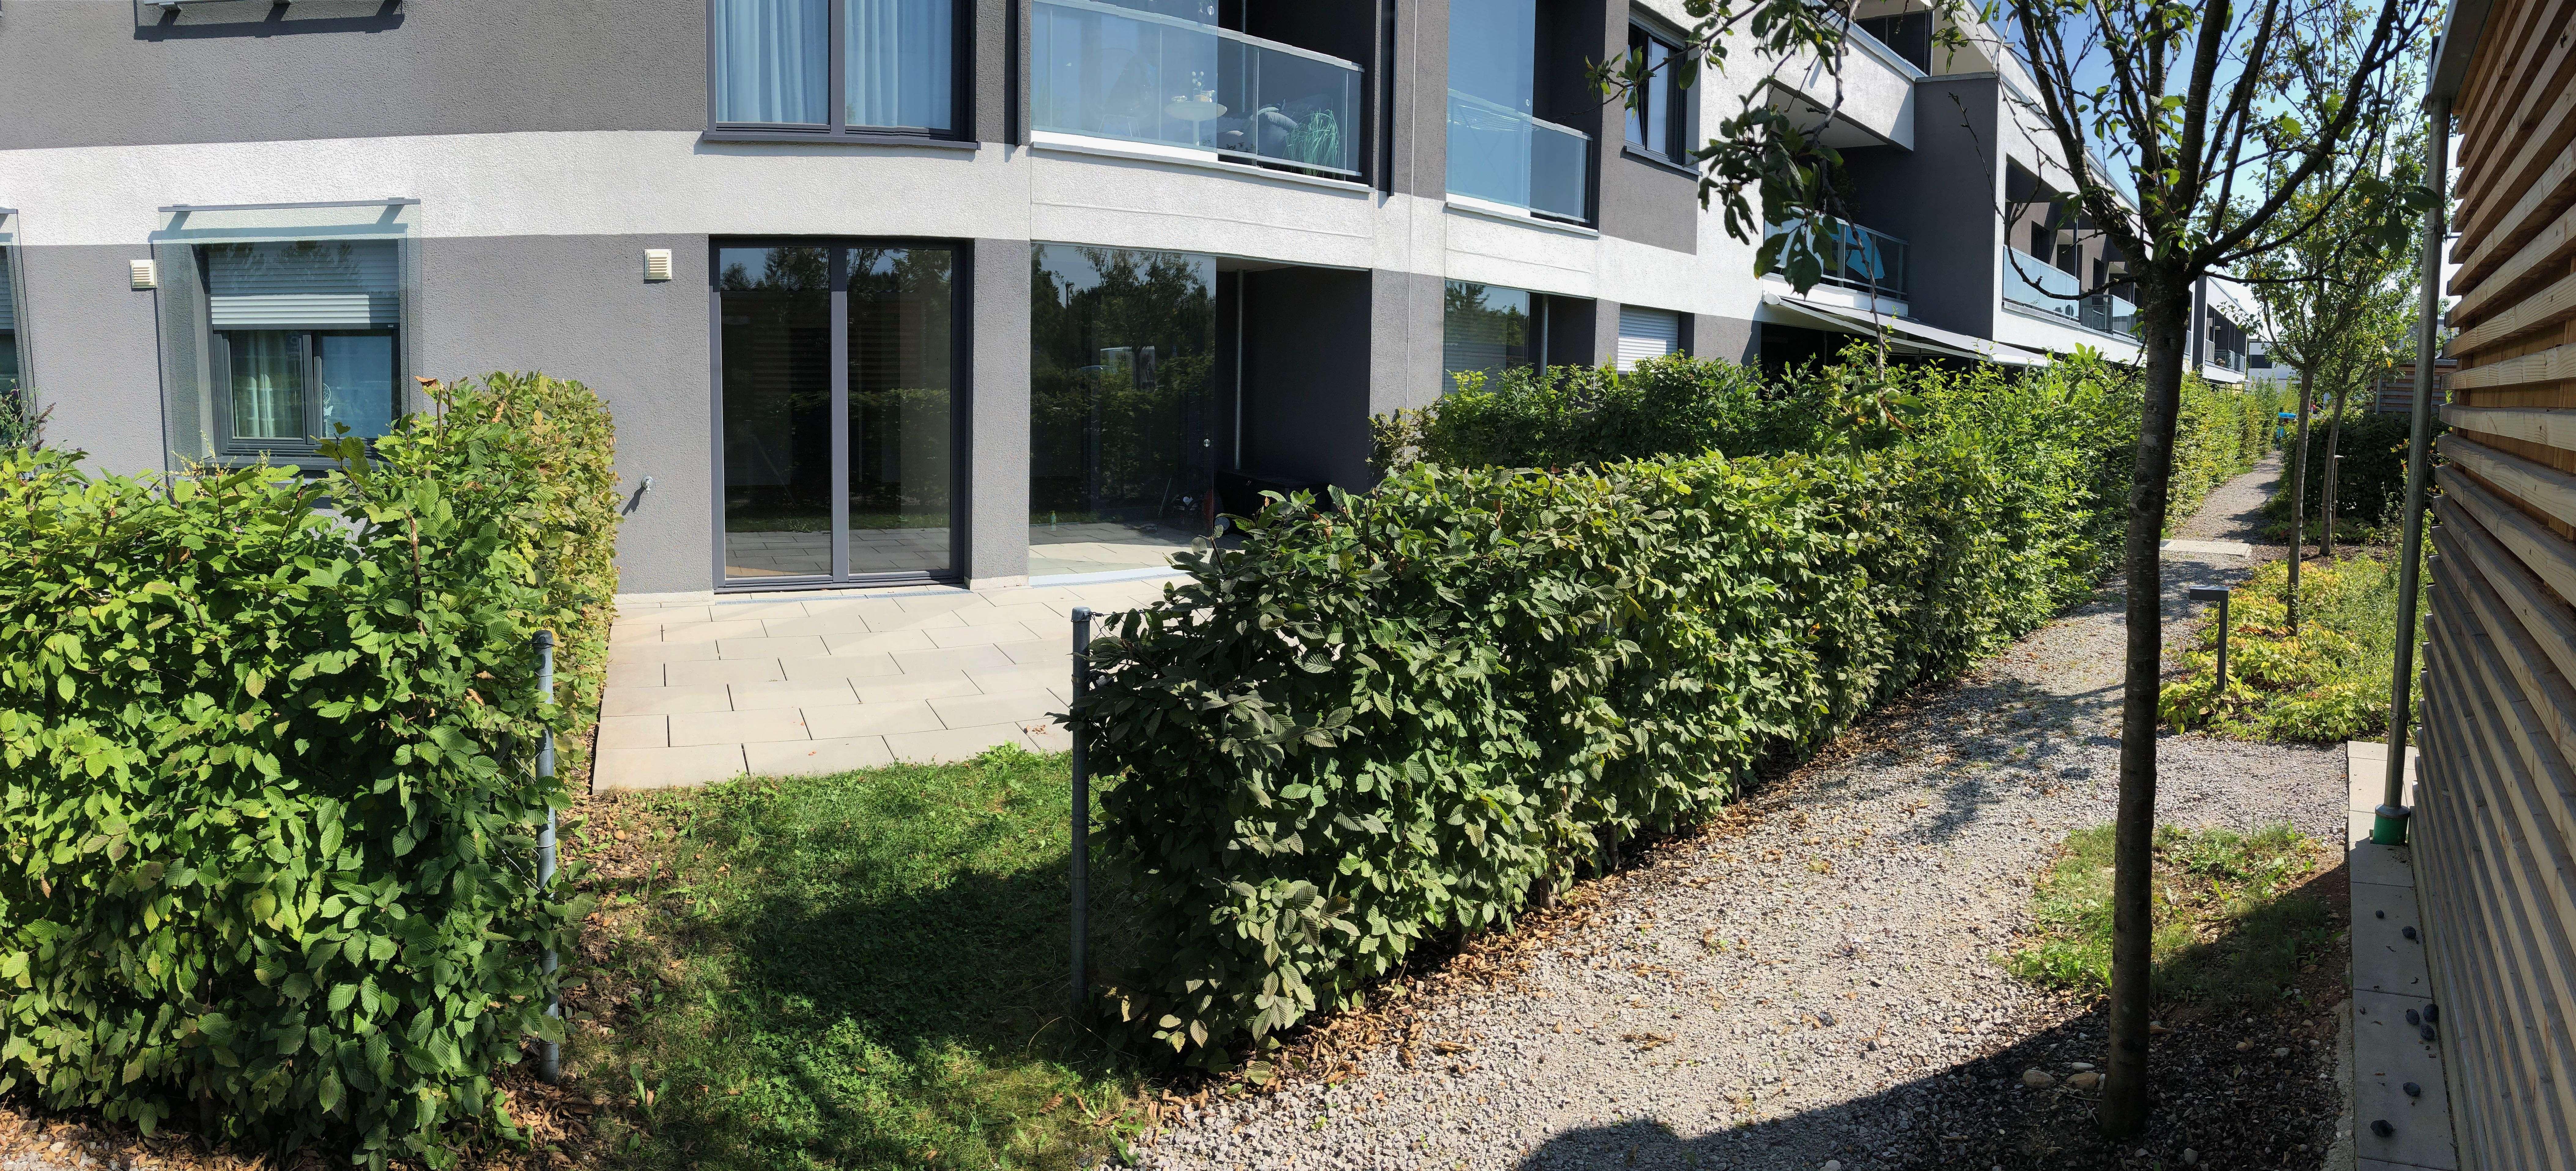 Neuwertige 2-Zimmer-EG-Wohnung mit Garten und EBK in Poing - provisionsfrei in